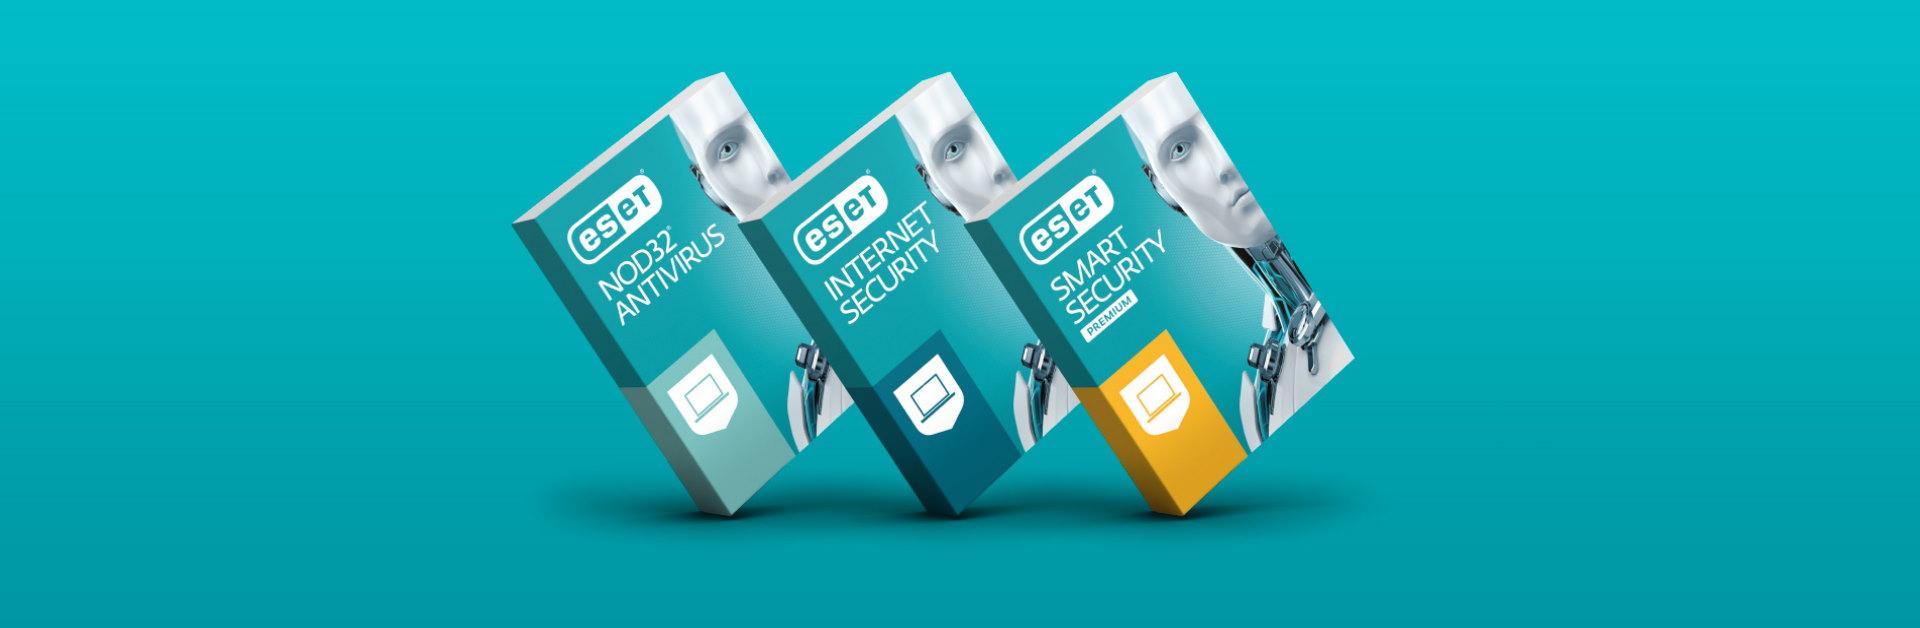 ESET Smart Security - pakiet bezpieczeństwa firmy ESET